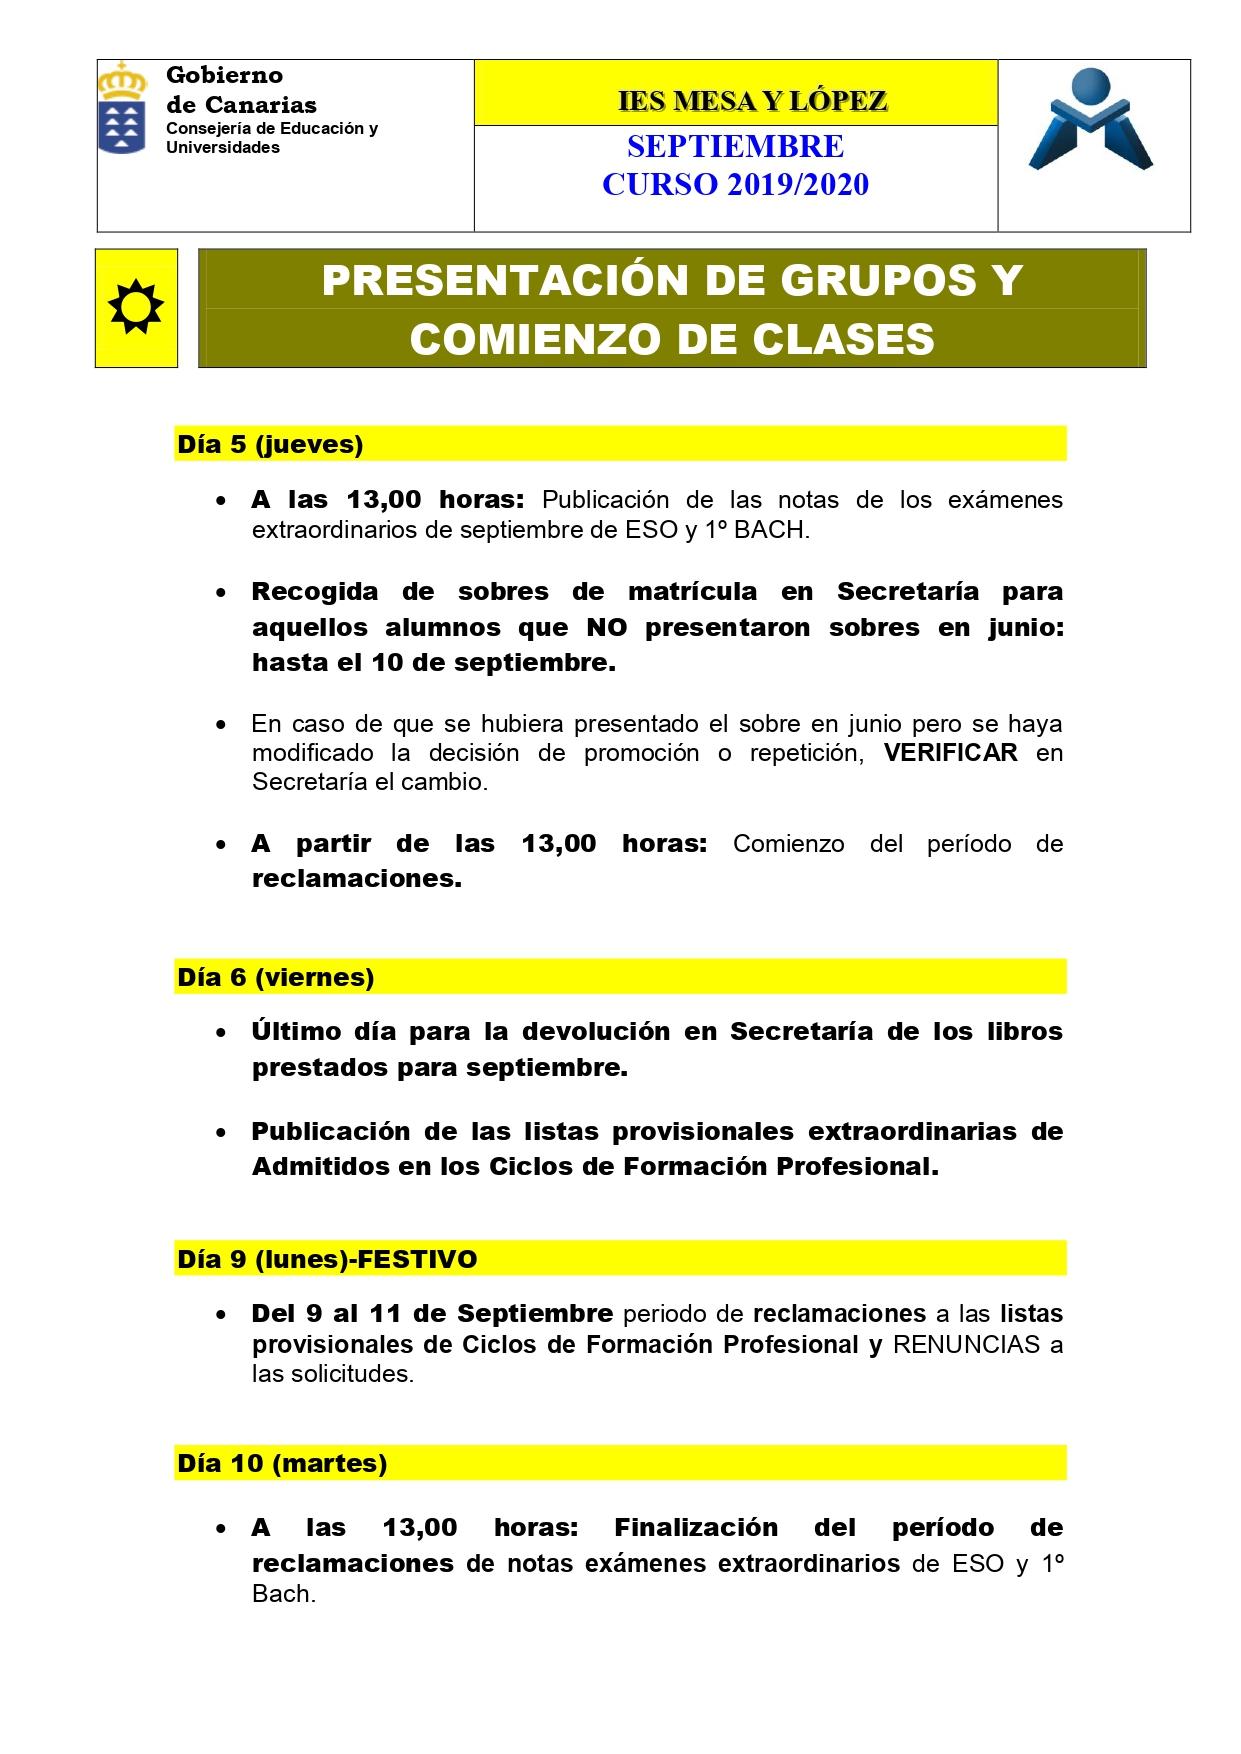 Calendario Junio 2020 Pdf.Curso 2019 2020 Inicio De Curso Y Calendario Anual